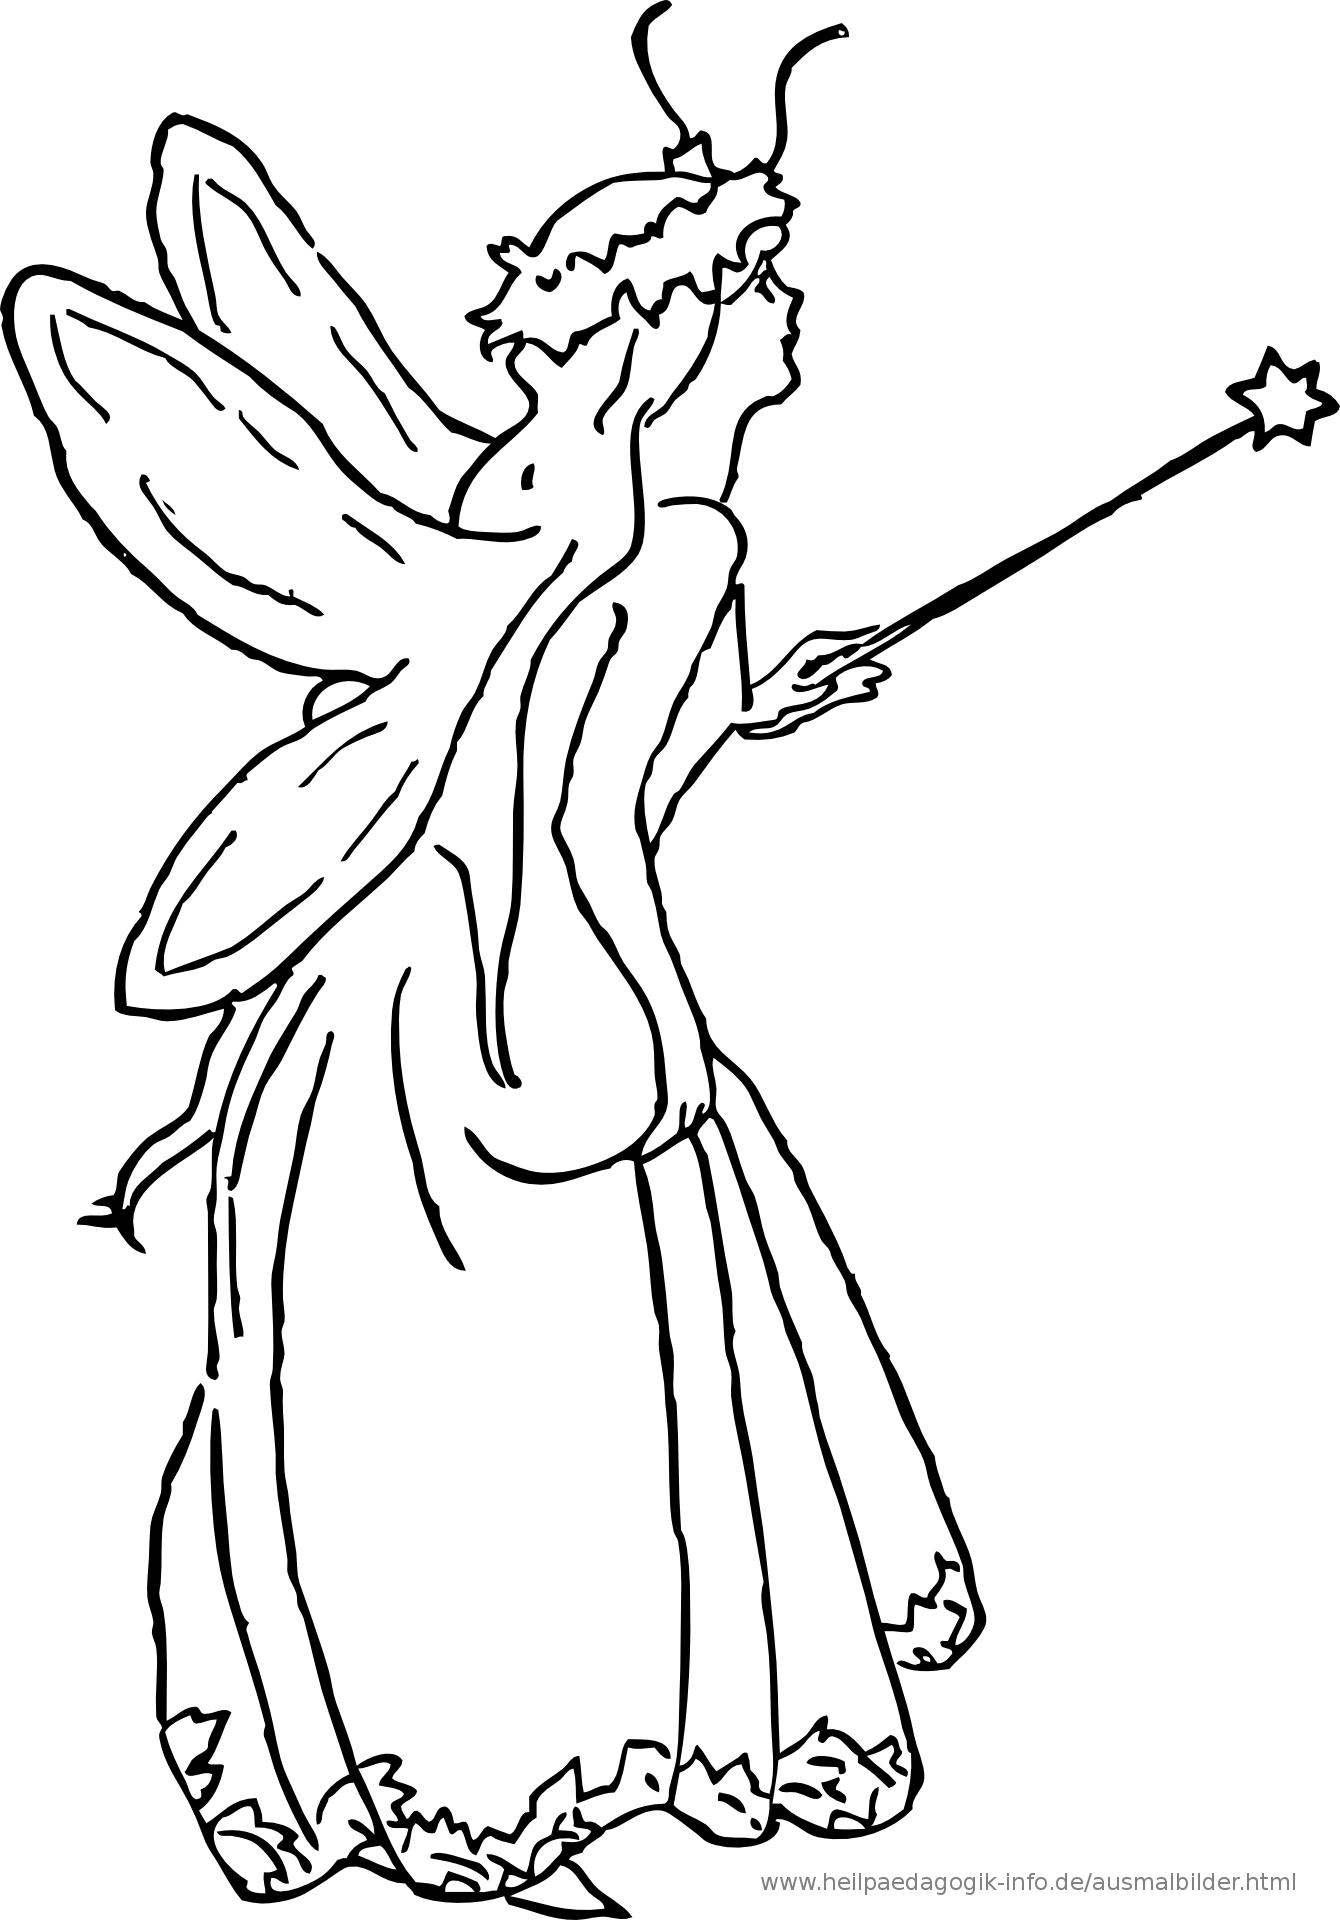 Ausmalbilder Prinzessinnen Und Feen bestimmt für Ausmalbilder Feen Prinzessin